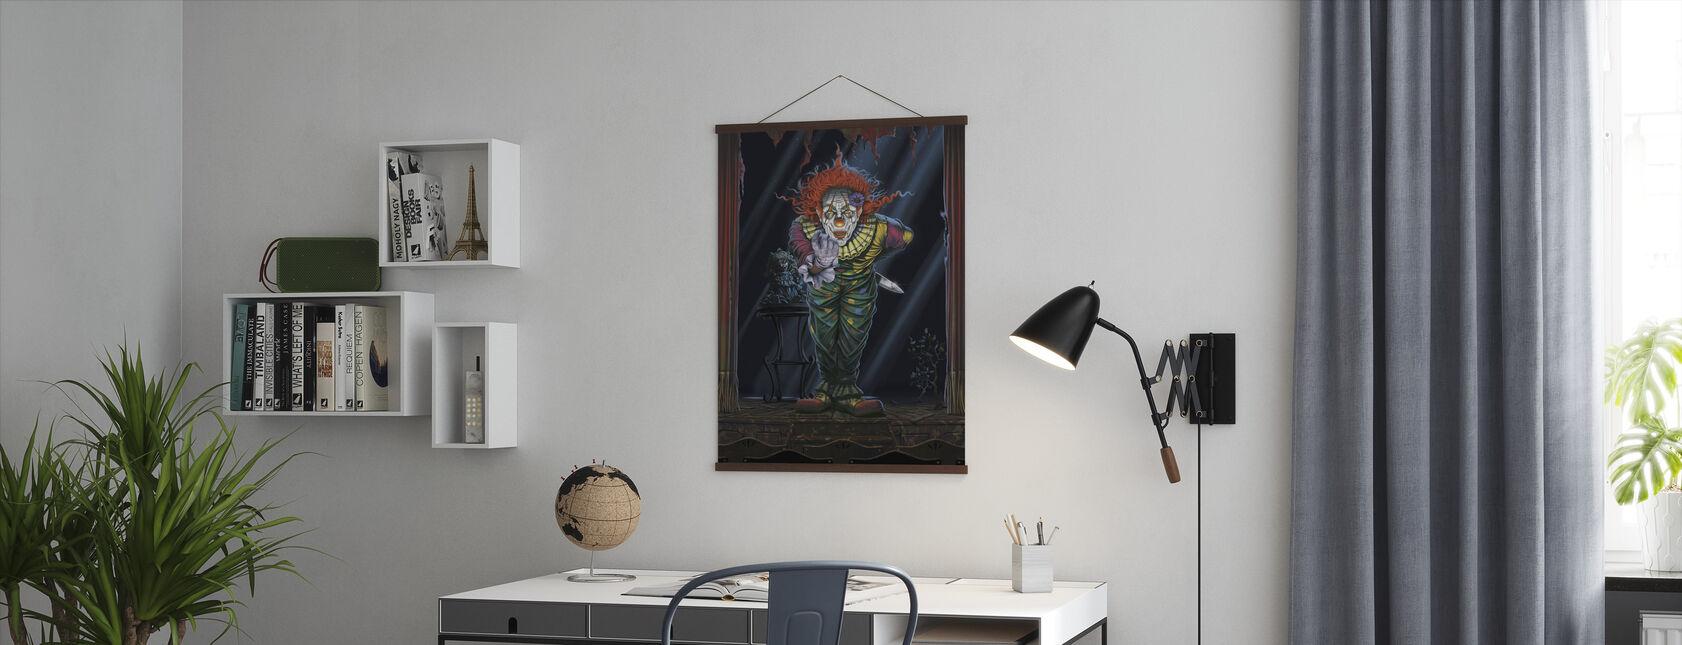 Överraskning clown - Poster - Kontor